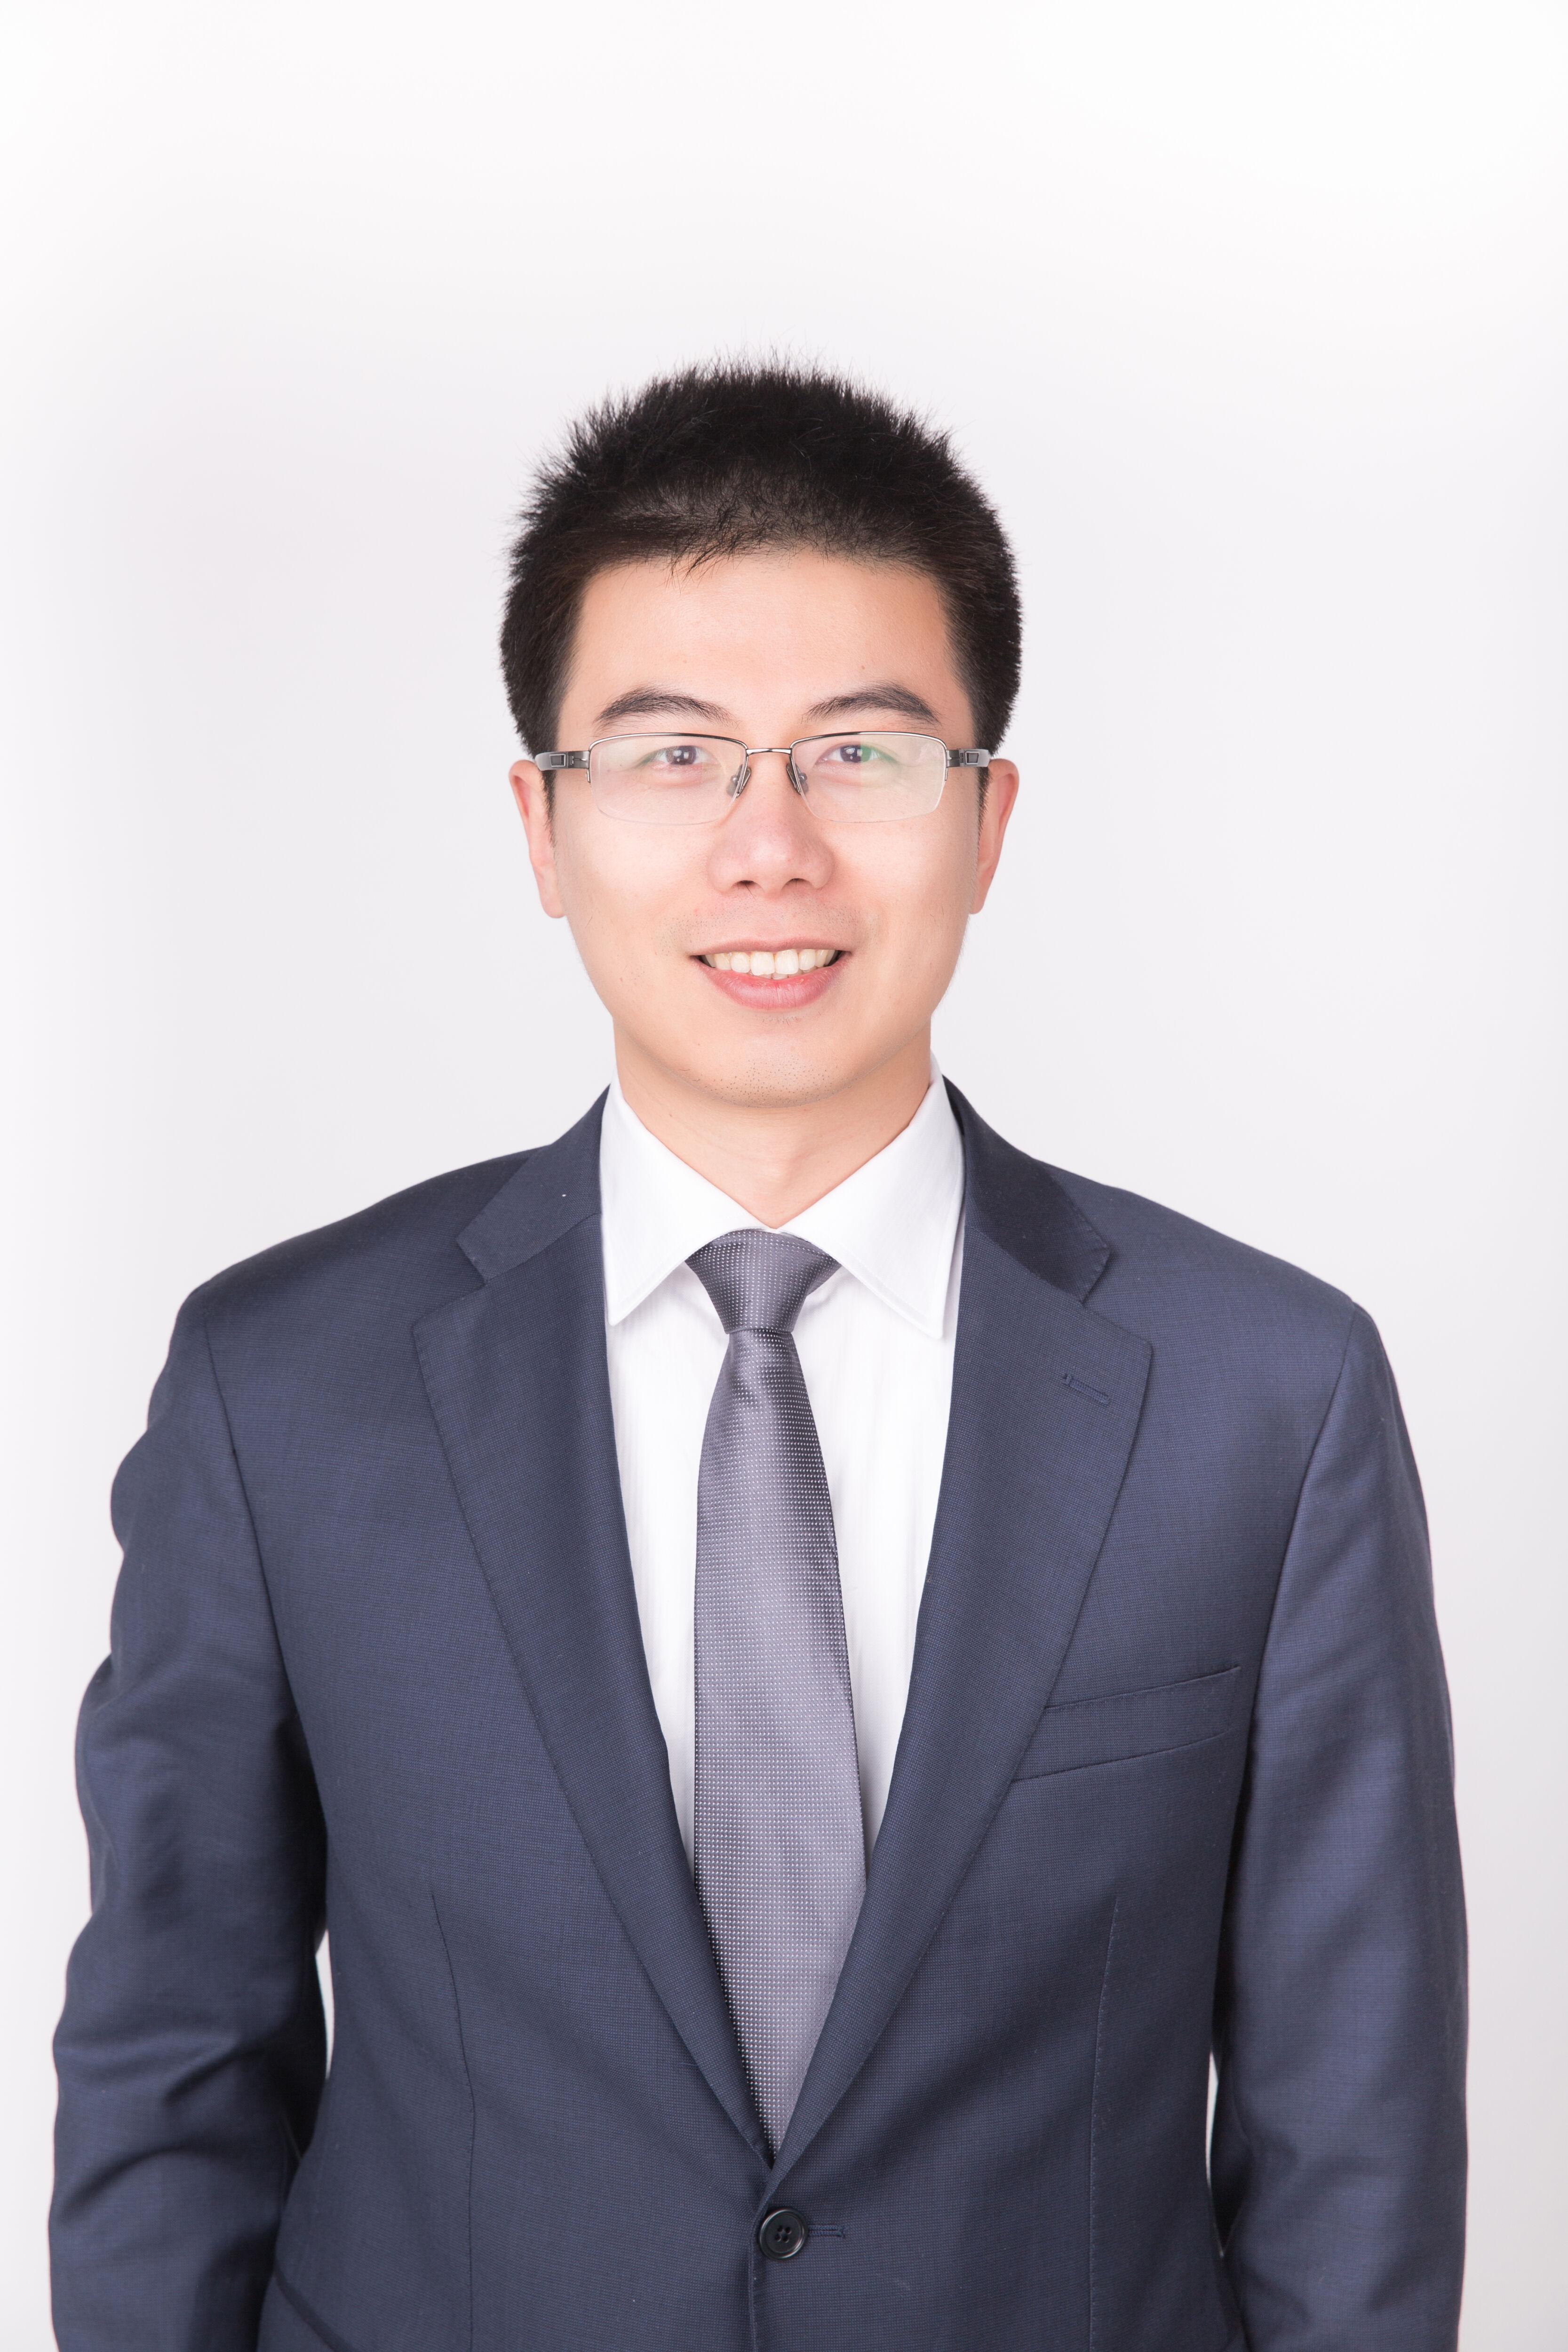 Jiandao Zhu